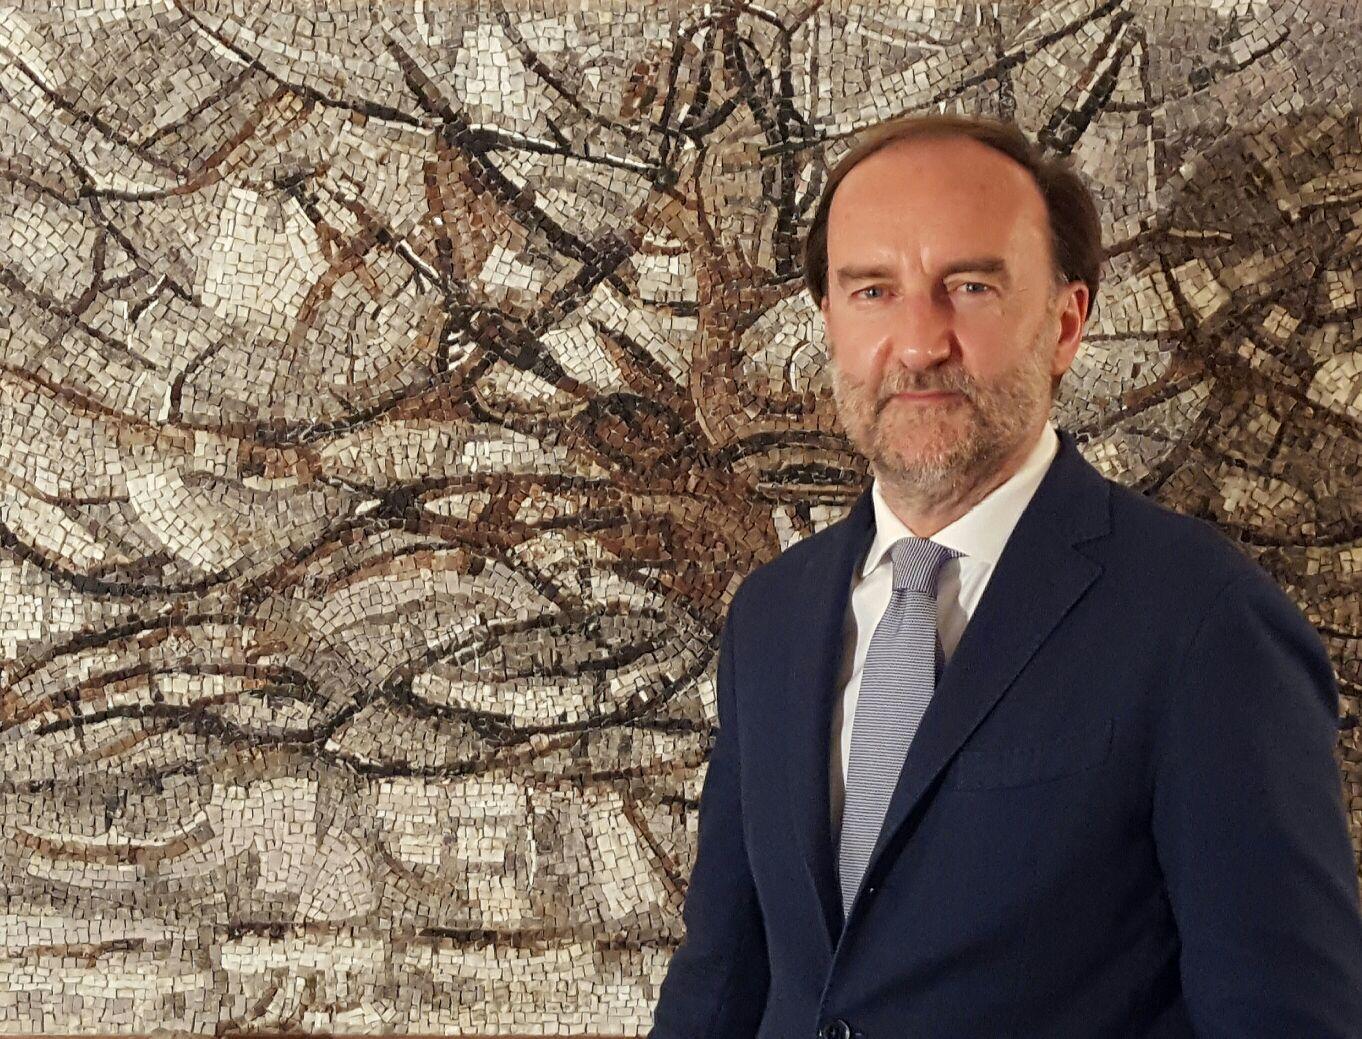 Stefano Lovison eletto Presidente della Scuola mosaicisti del Friuli di Spilimbergo